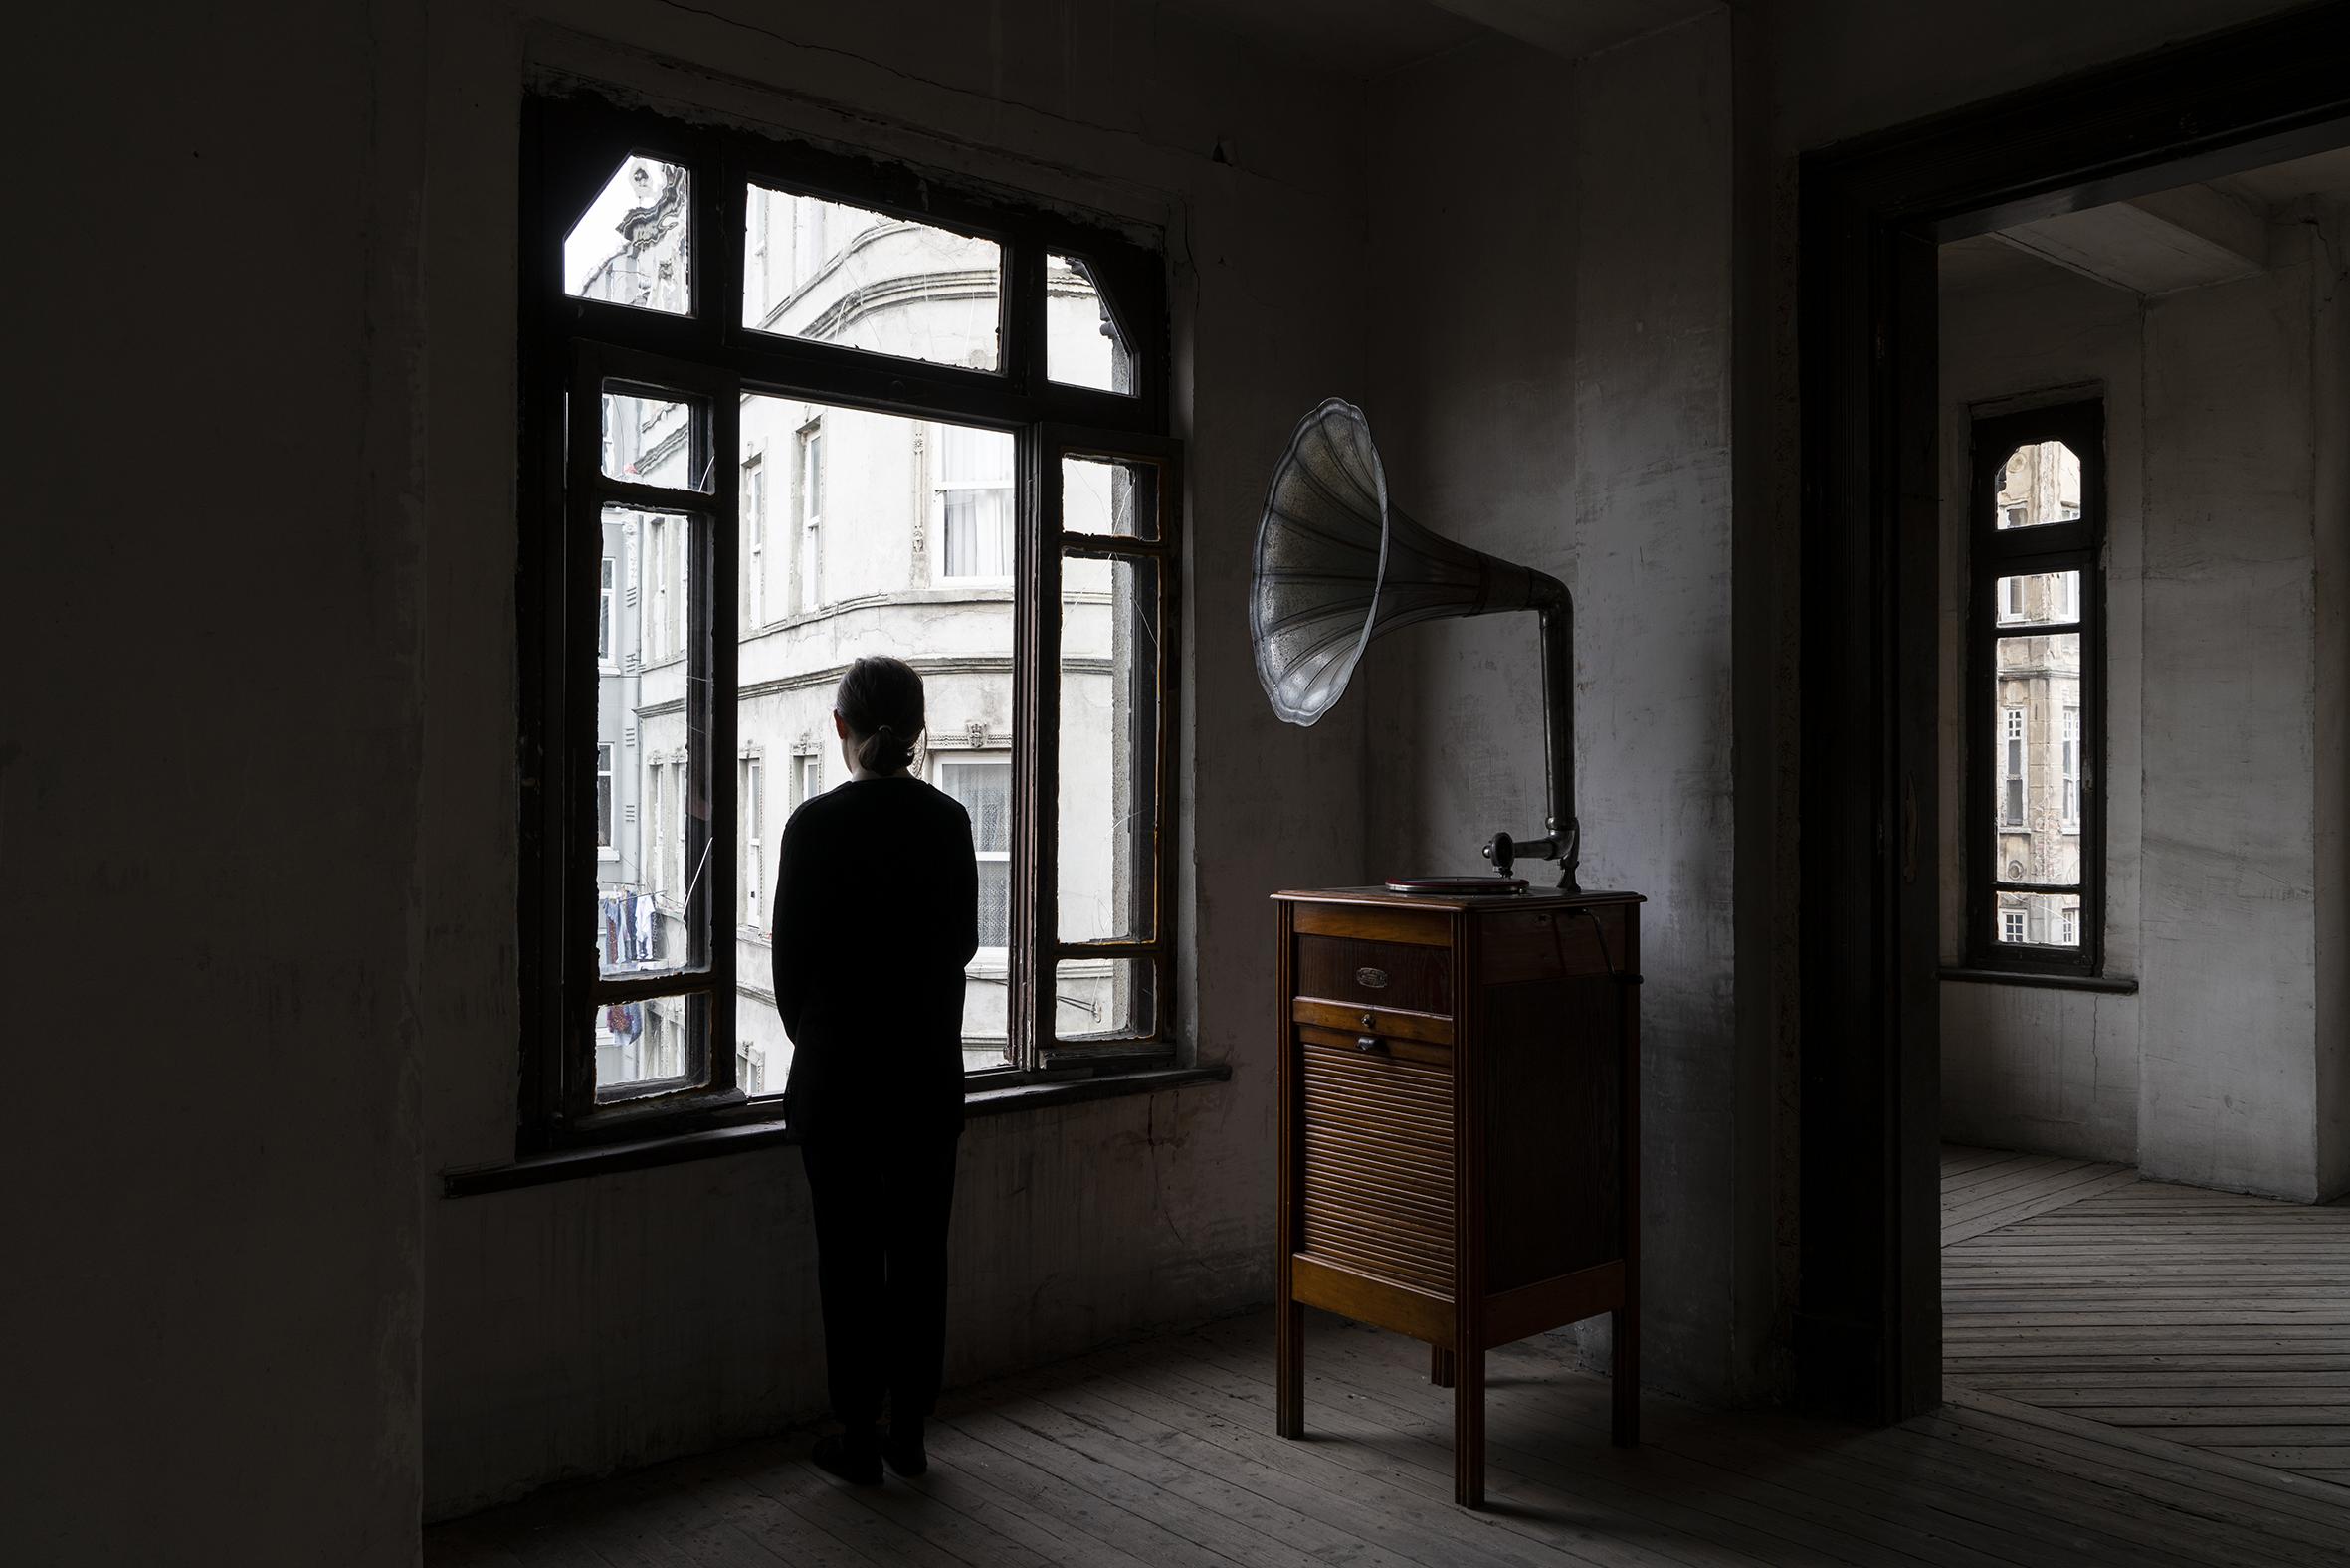 Il mio cuore è vuoto come uno specchio. Il pellegrinaggio di Gian Maria Tosatti a Istanbul